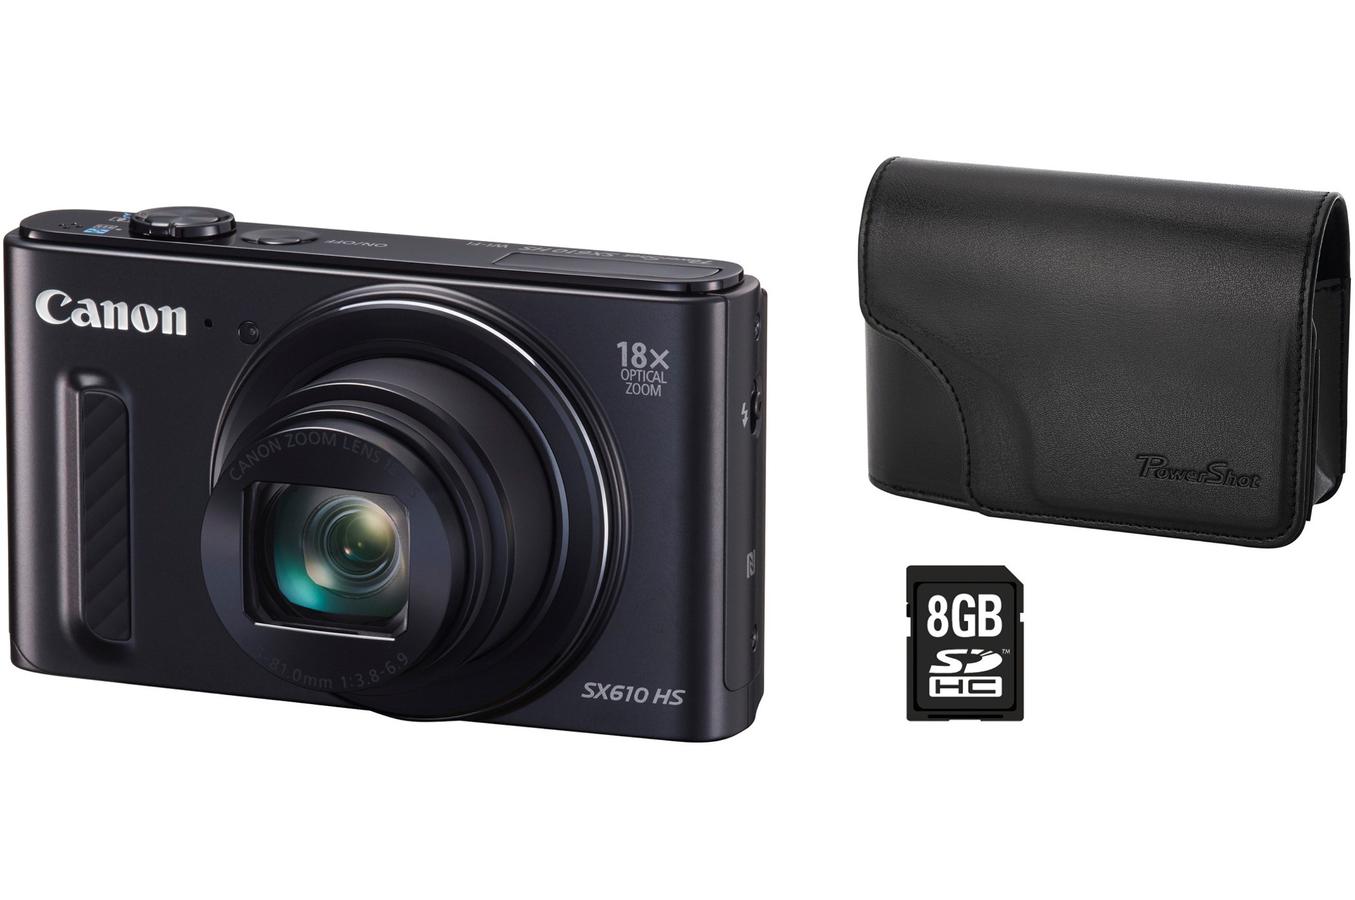 appareil photo compact canon powershot sx610 hs housse. Black Bedroom Furniture Sets. Home Design Ideas